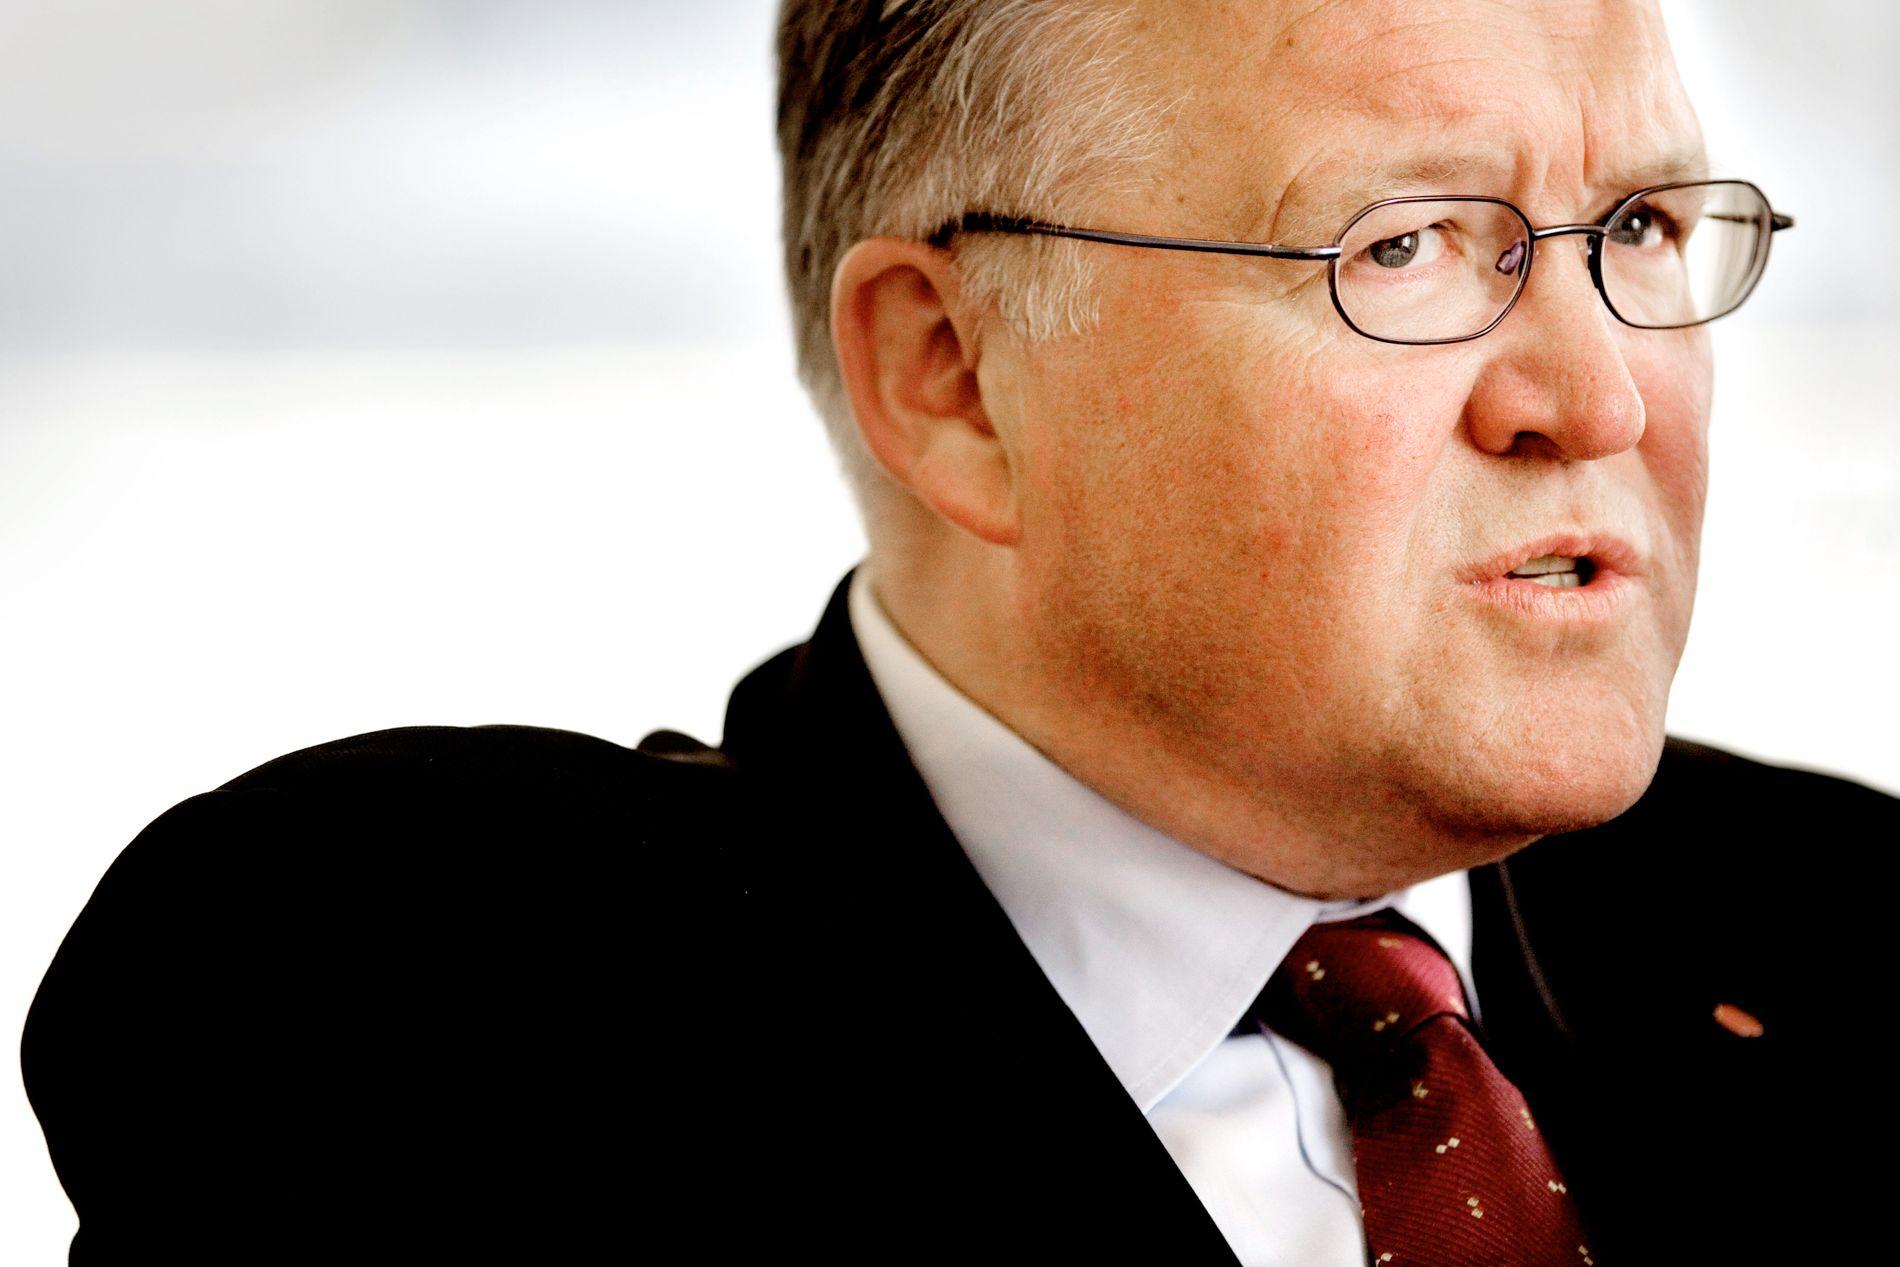 RINGREV: Göran Persson, her fotografert i forbindelse med et VG-intervju rett etter at han gikk av som statsminister, mener de svenske sosialdemokratene har grunn til å ta selvkritikk.